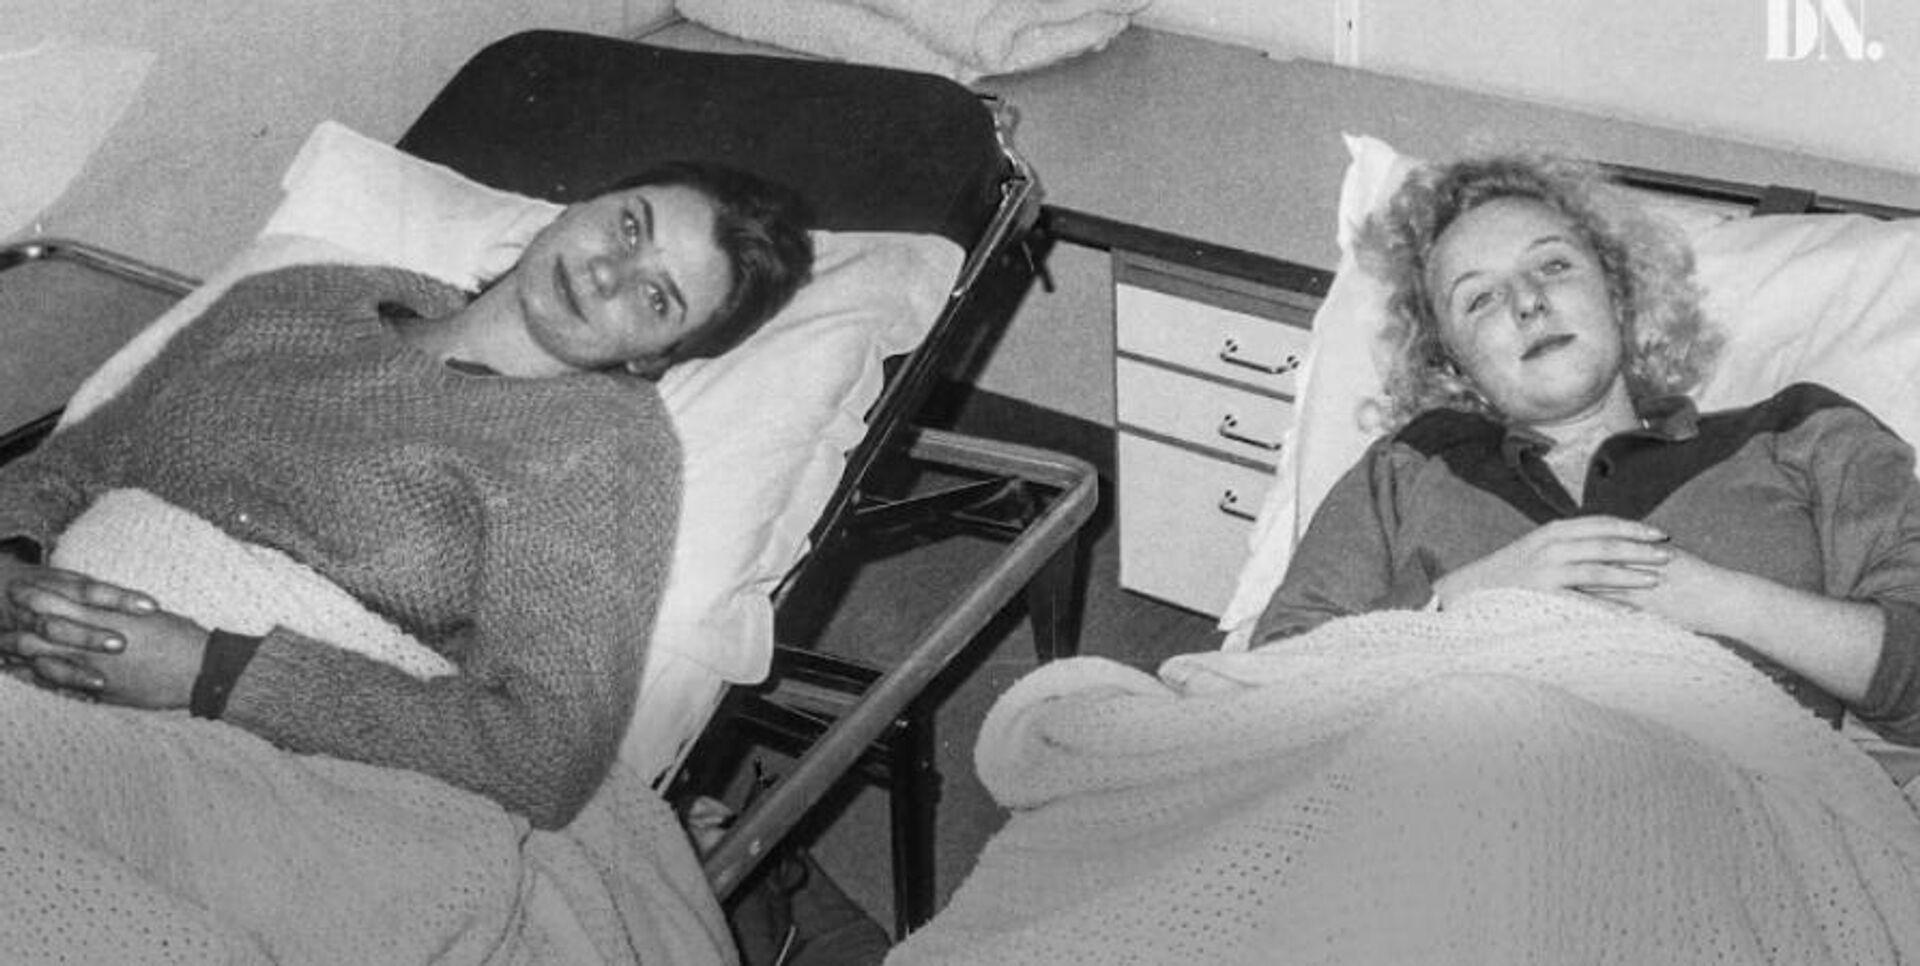 Спасенные Хелена аф Клеркер (слева) и ее подруга Шарлотта Оберг, 1984 - Sputnik Латвия, 1920, 12.10.2021